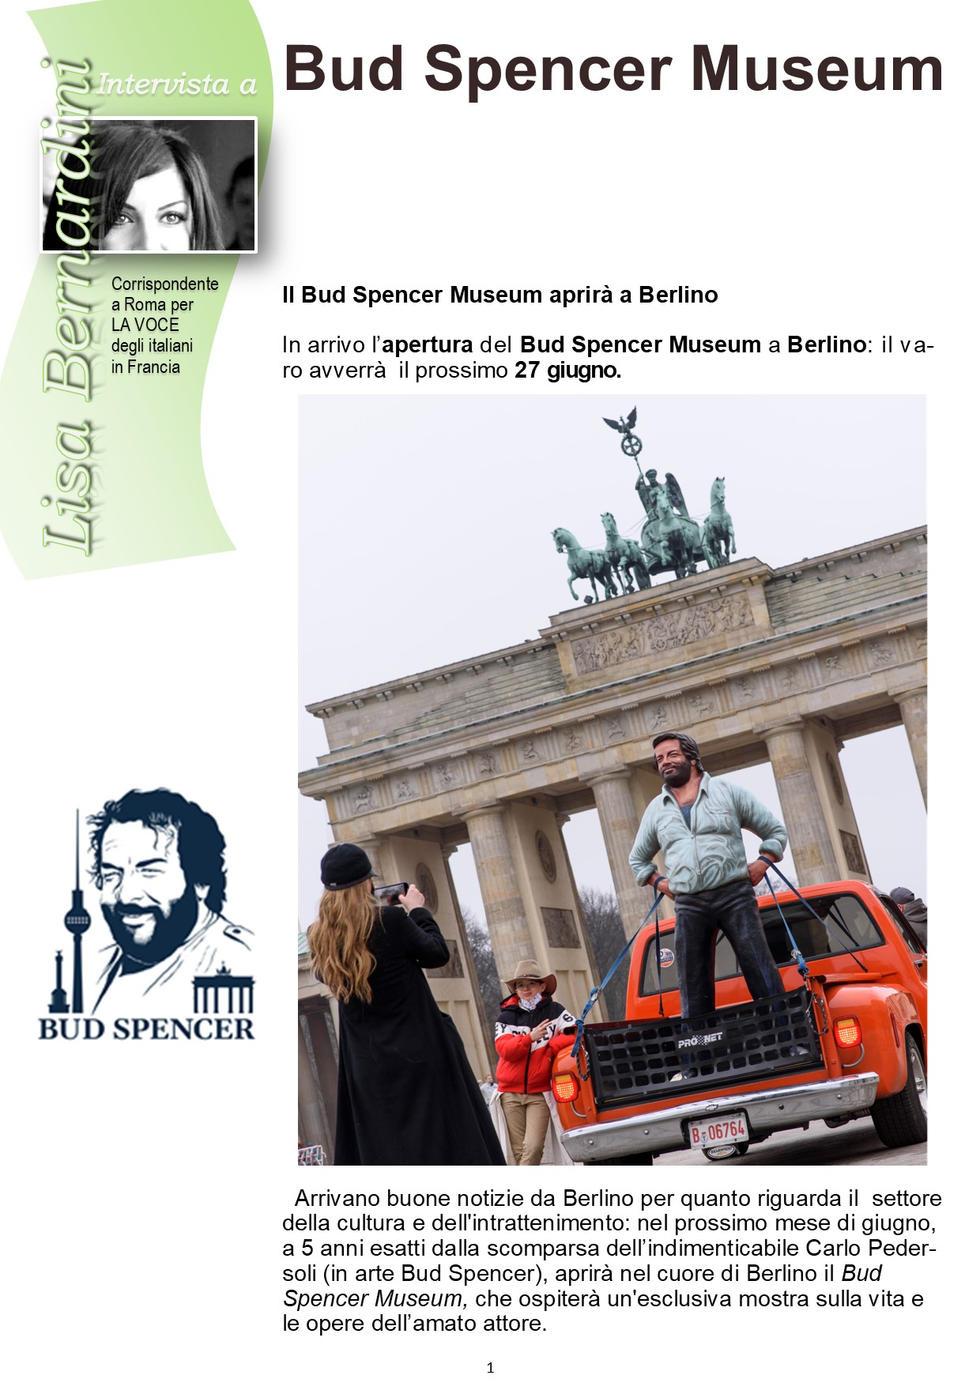 3 art BUD SPENCER 1 MUSEUM 13052021.jpg